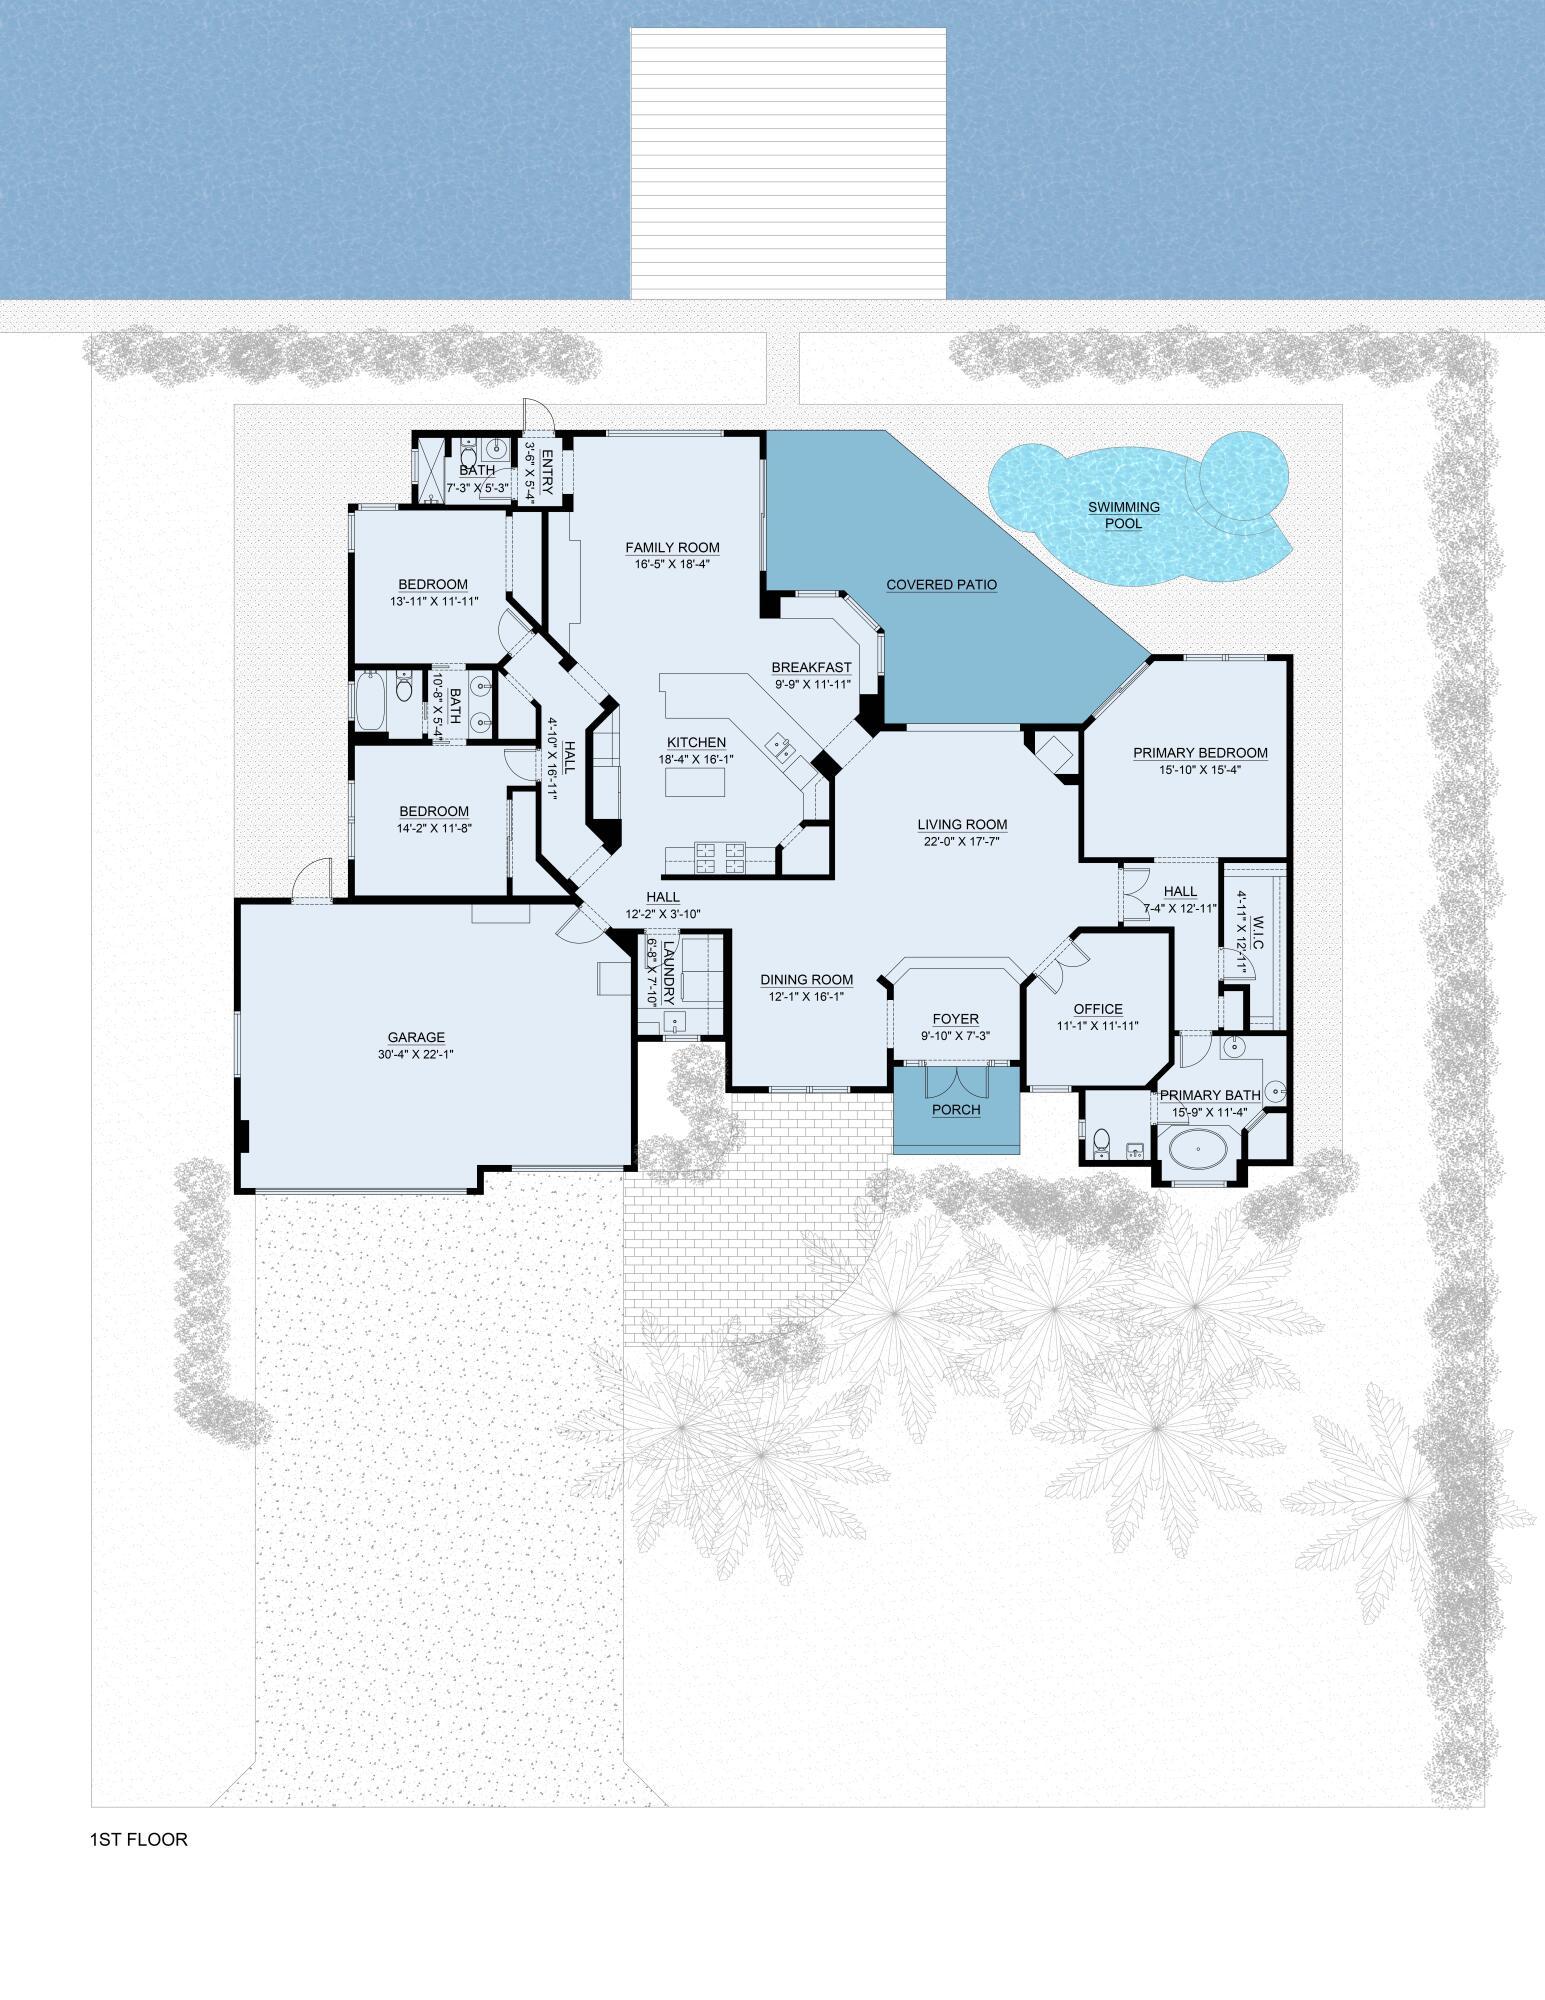 210923-TeachRoad 1st floor